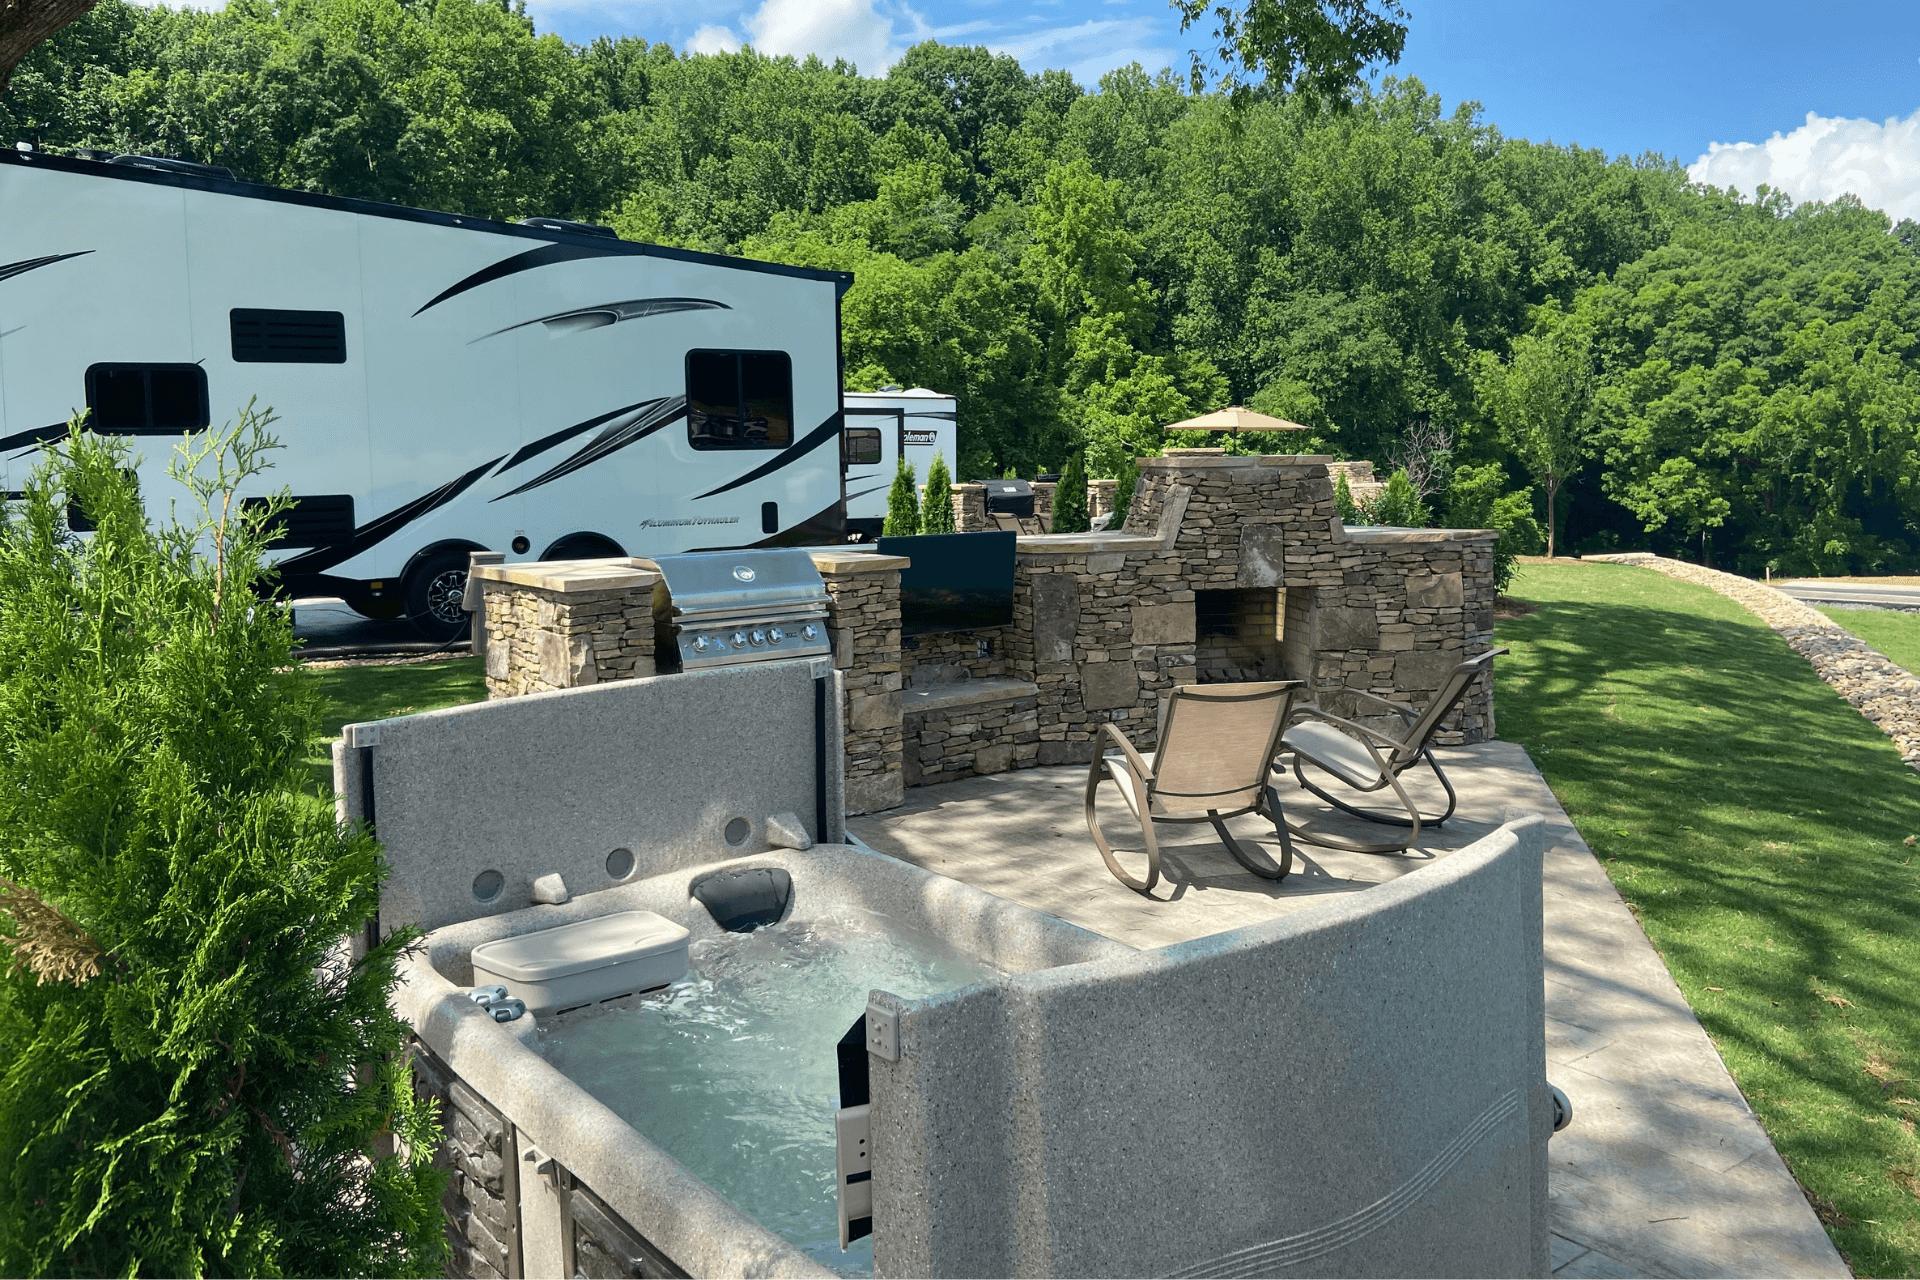 Luxury Signature Sites at The Ridge Outdoor Resort